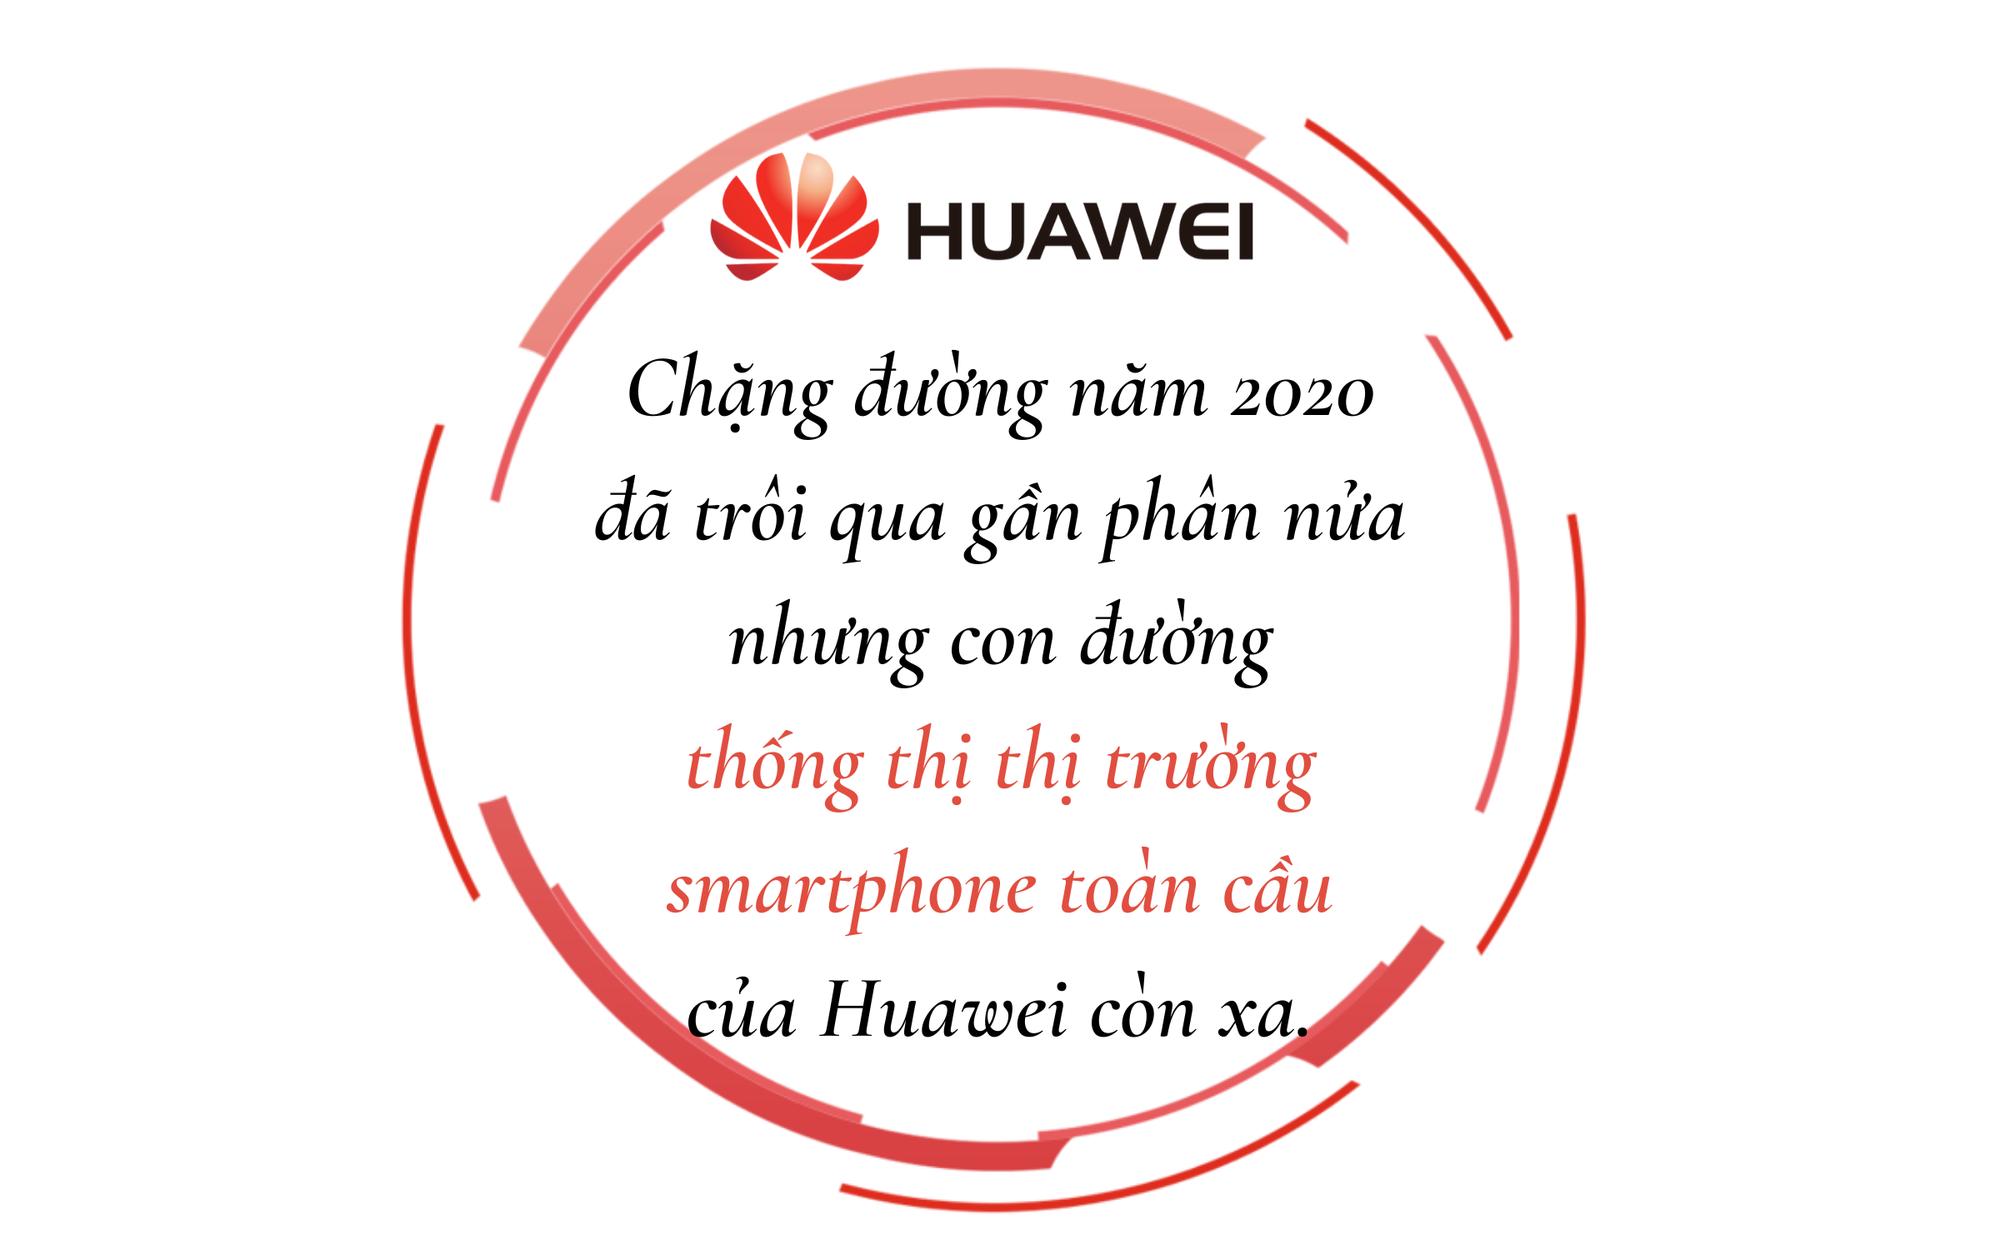 """Huawei muốn thống trị thị trường smartphone toàn cầu như Trump đang """"kết liễu"""" giấc mơ ấy - Ảnh 1."""